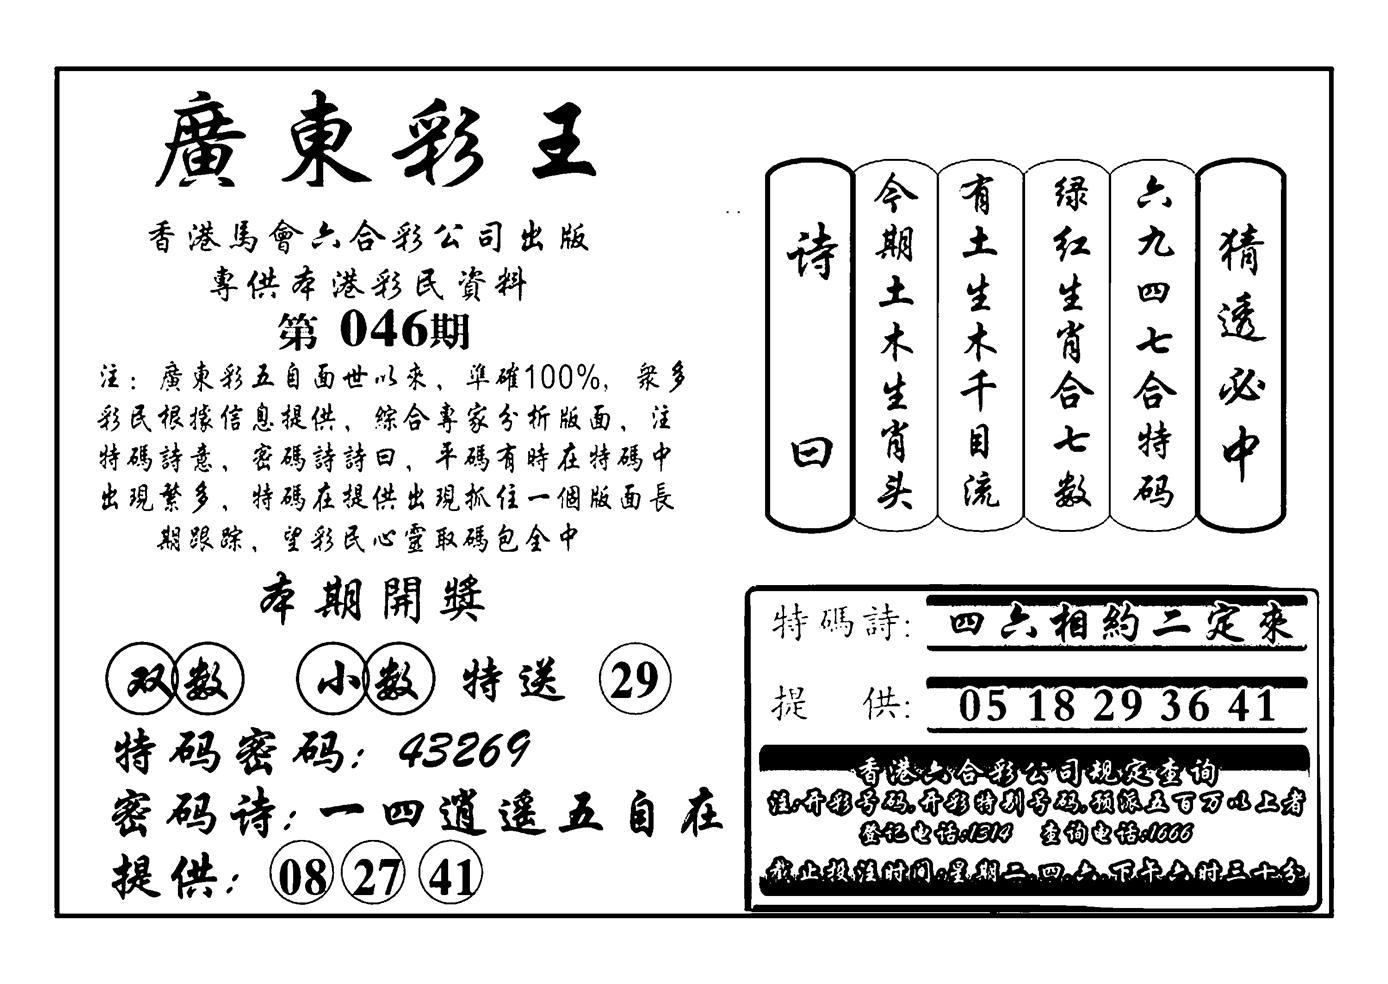 046期广东彩王(黑白)